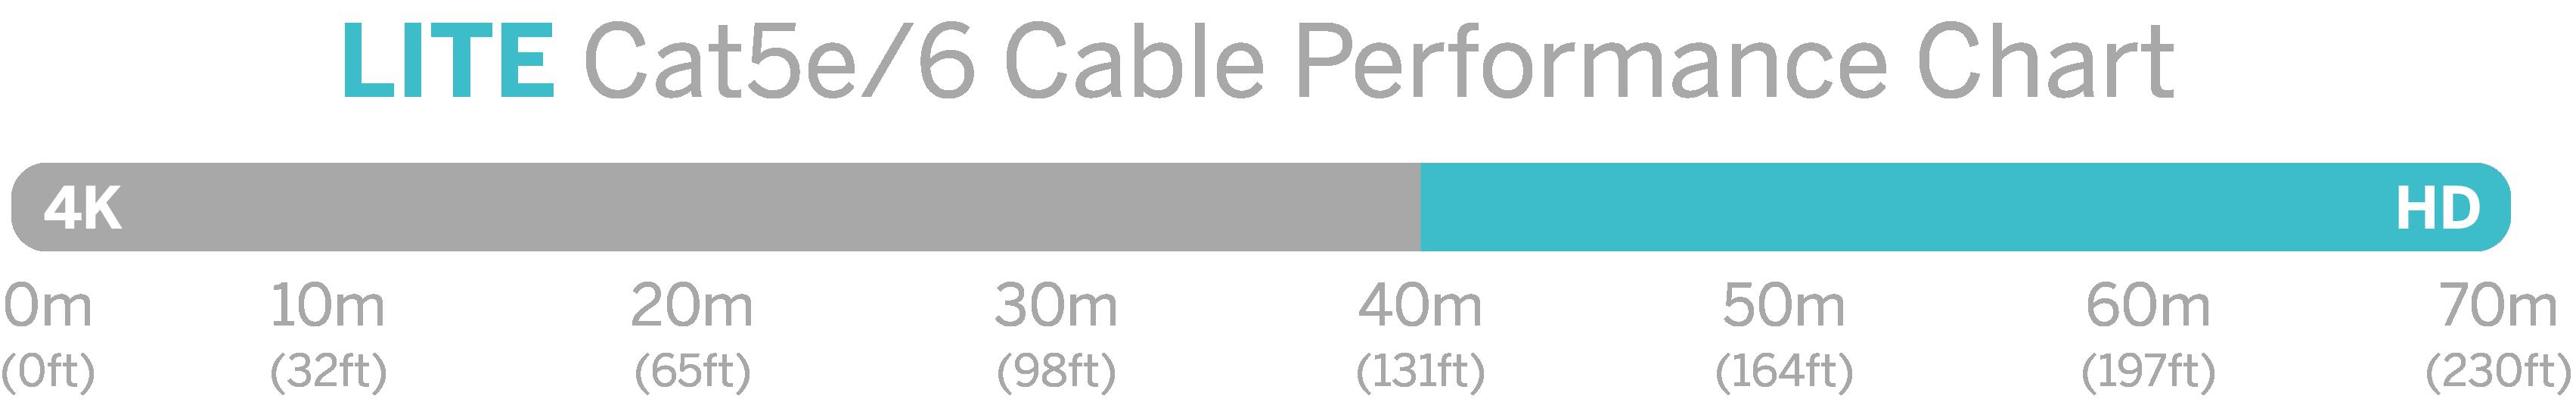 HDBaseT Lite 70m at 1080p, 40m at 4K